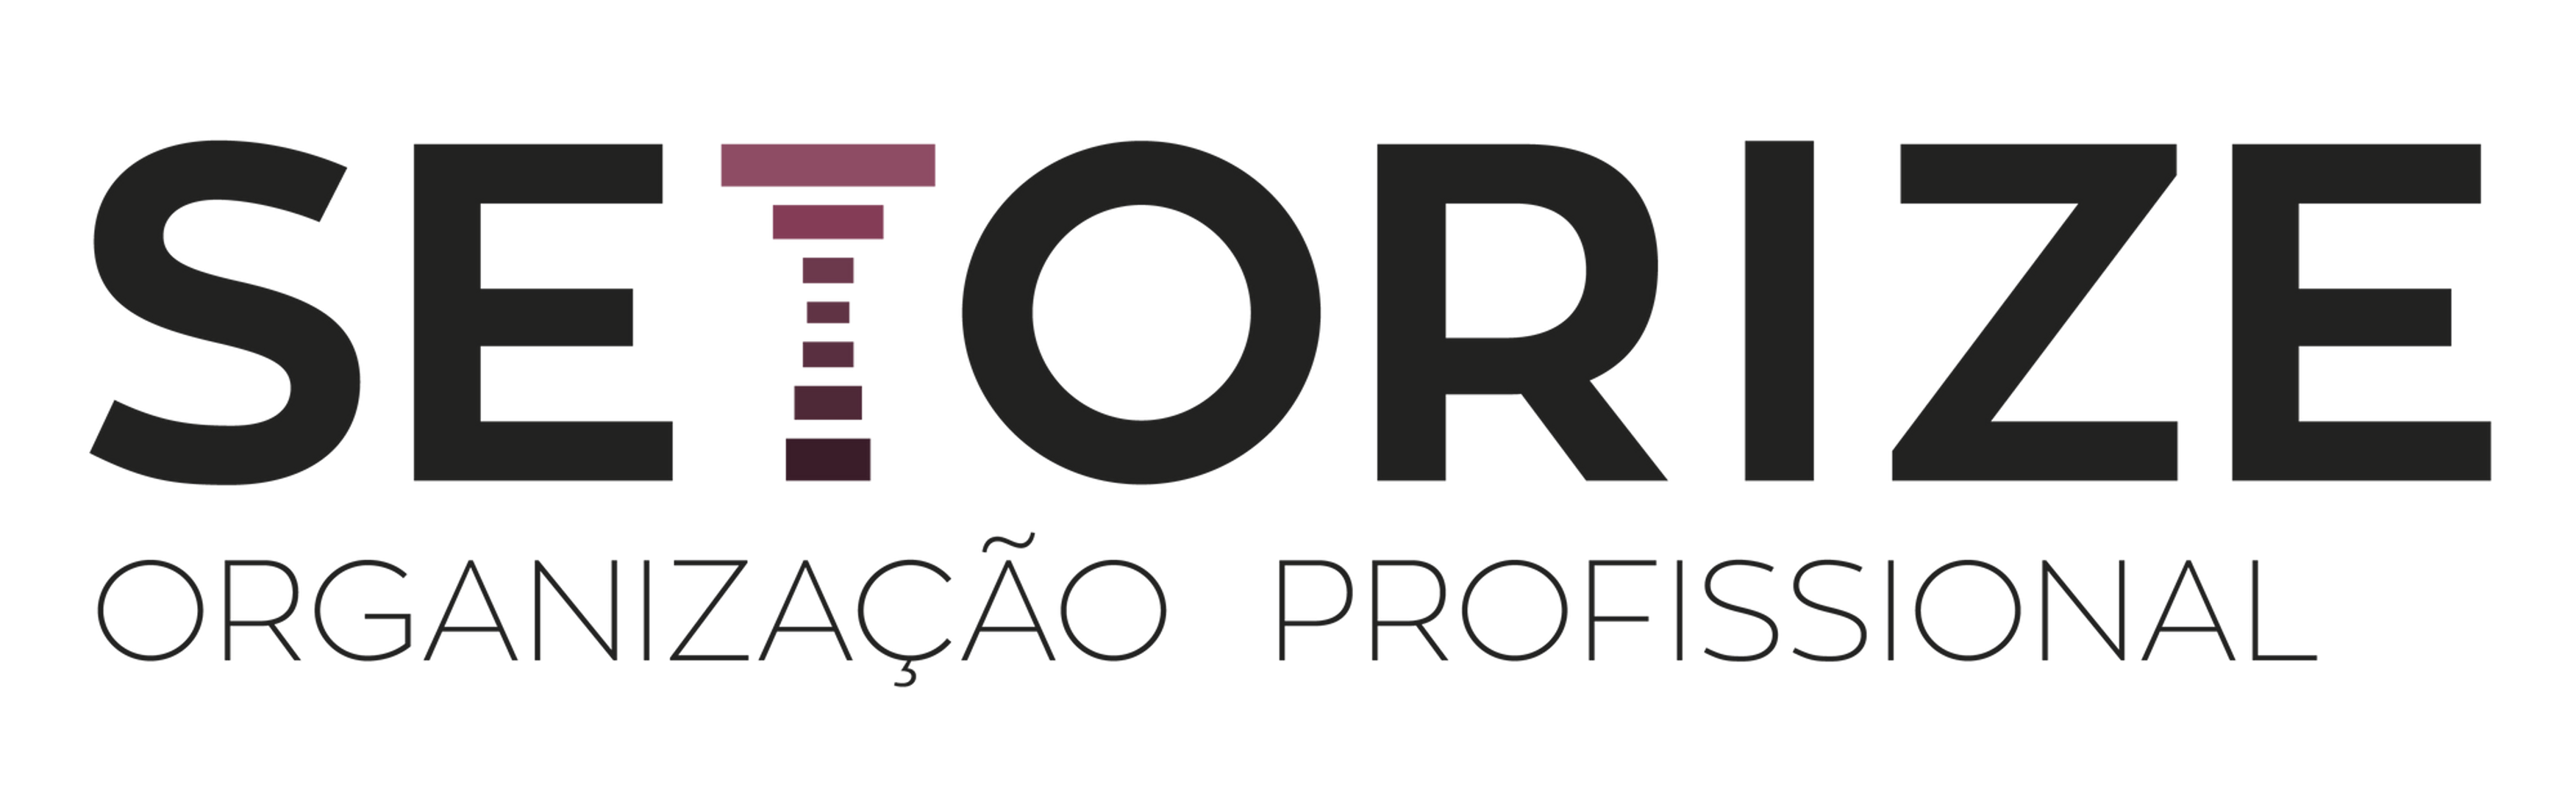 Setorize - Organização Profissional